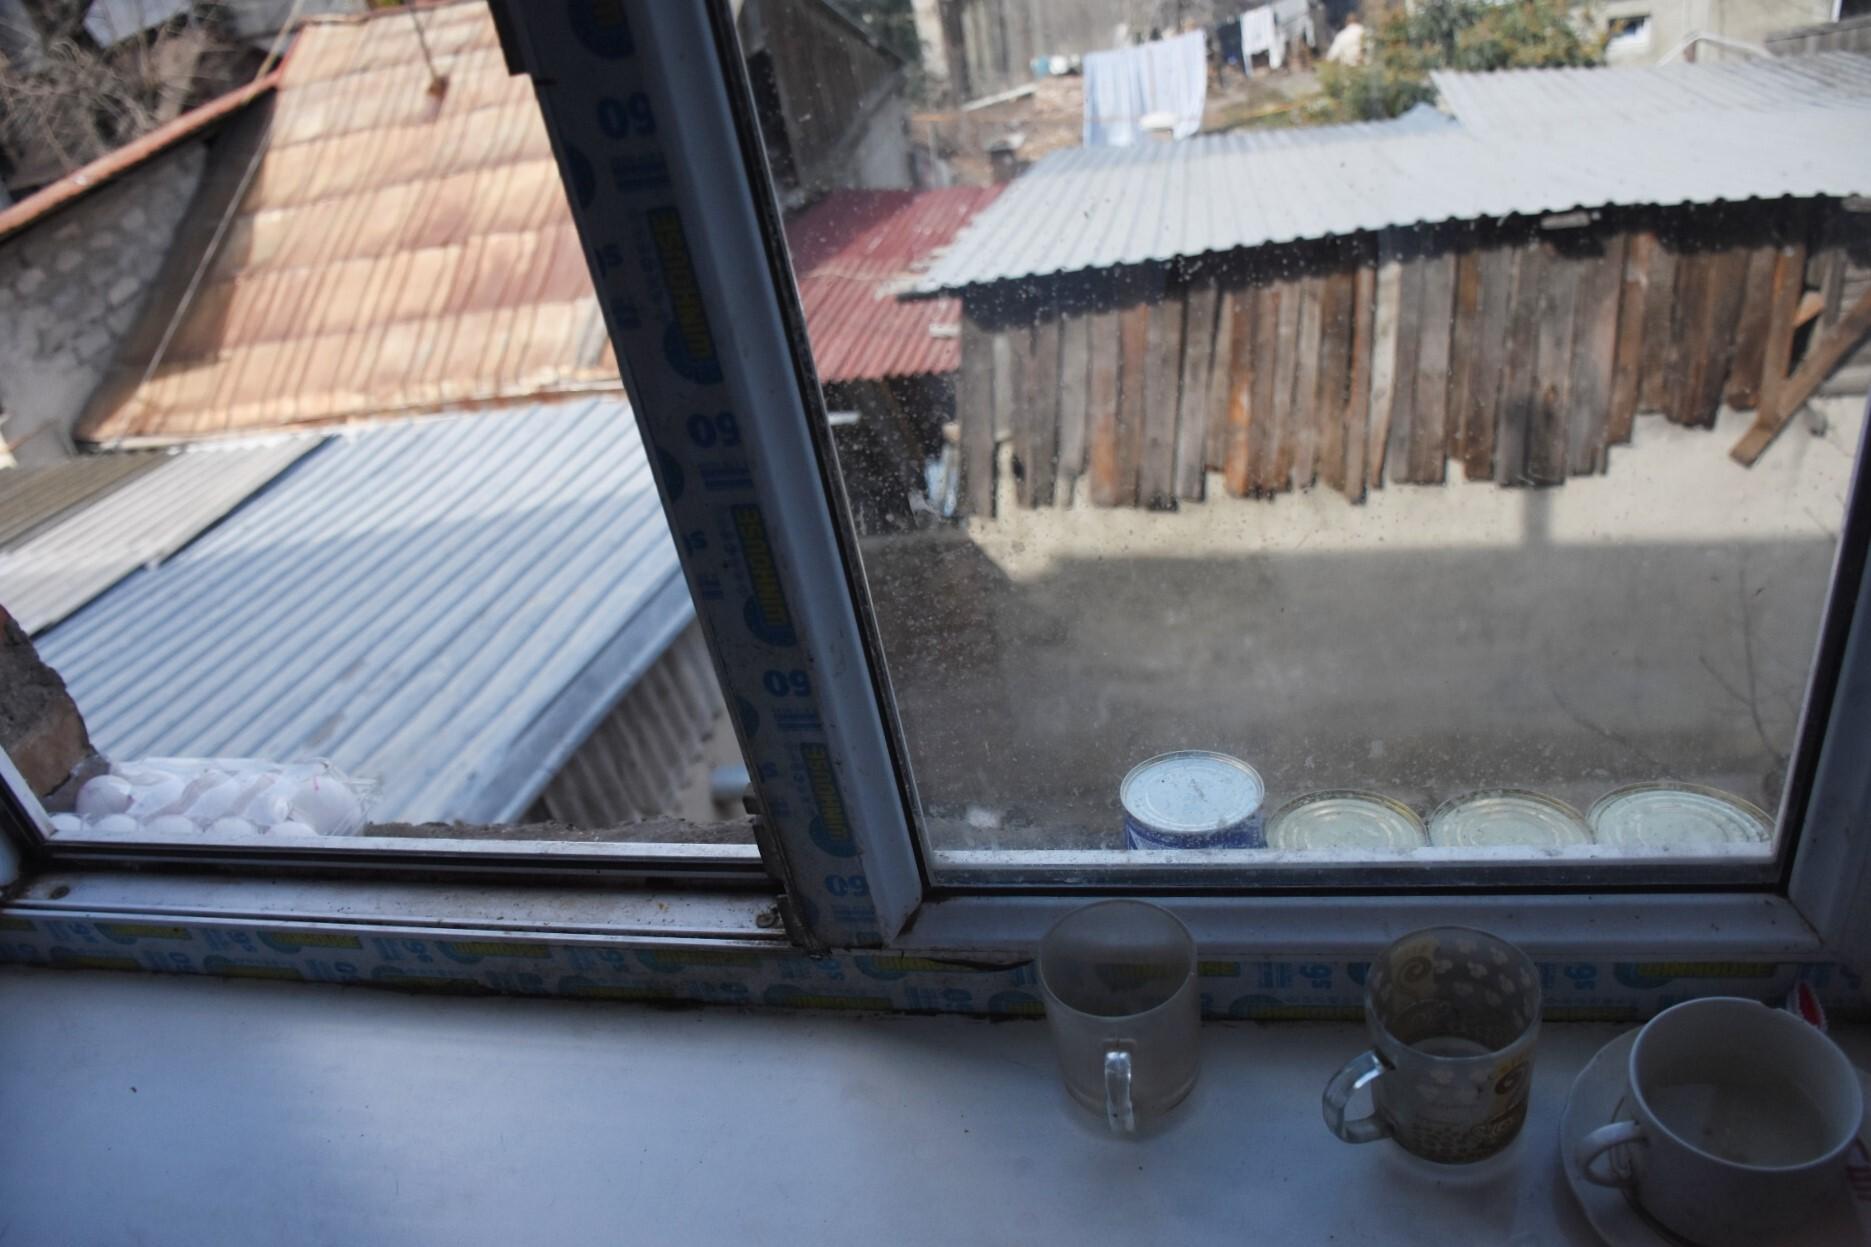 Место, где Хуцураули приходится хранить свои продукты из-за отсутствия холодильника.  Фото: Тата Шошиашвили/OC Media